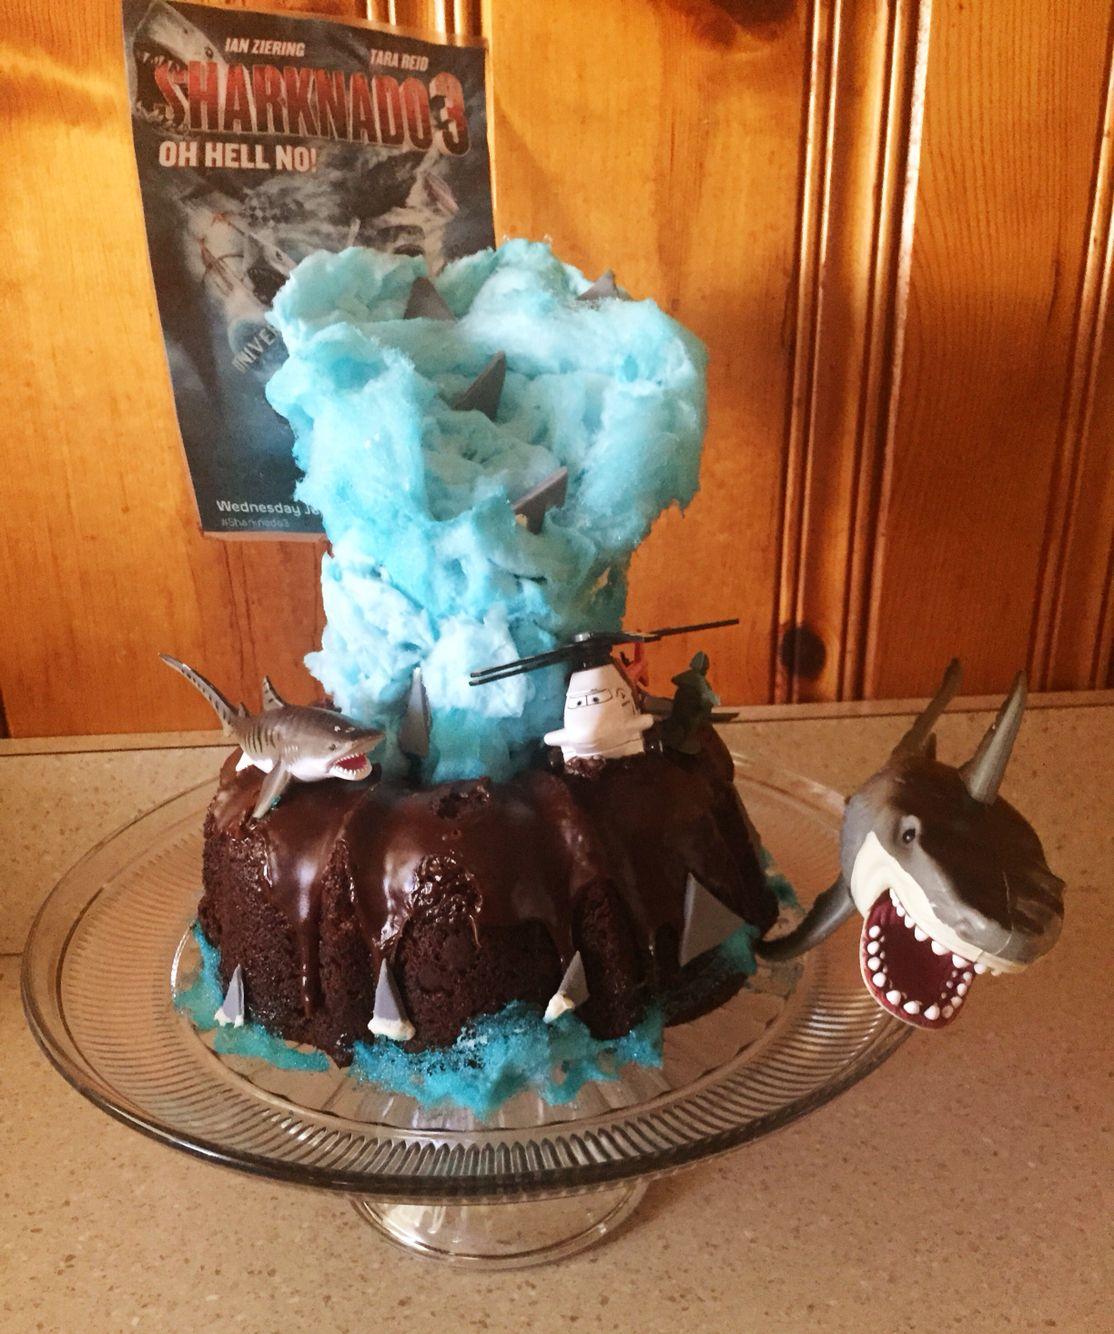 Sharknado 3 Cake I Made Sharknado With Images Sharknado